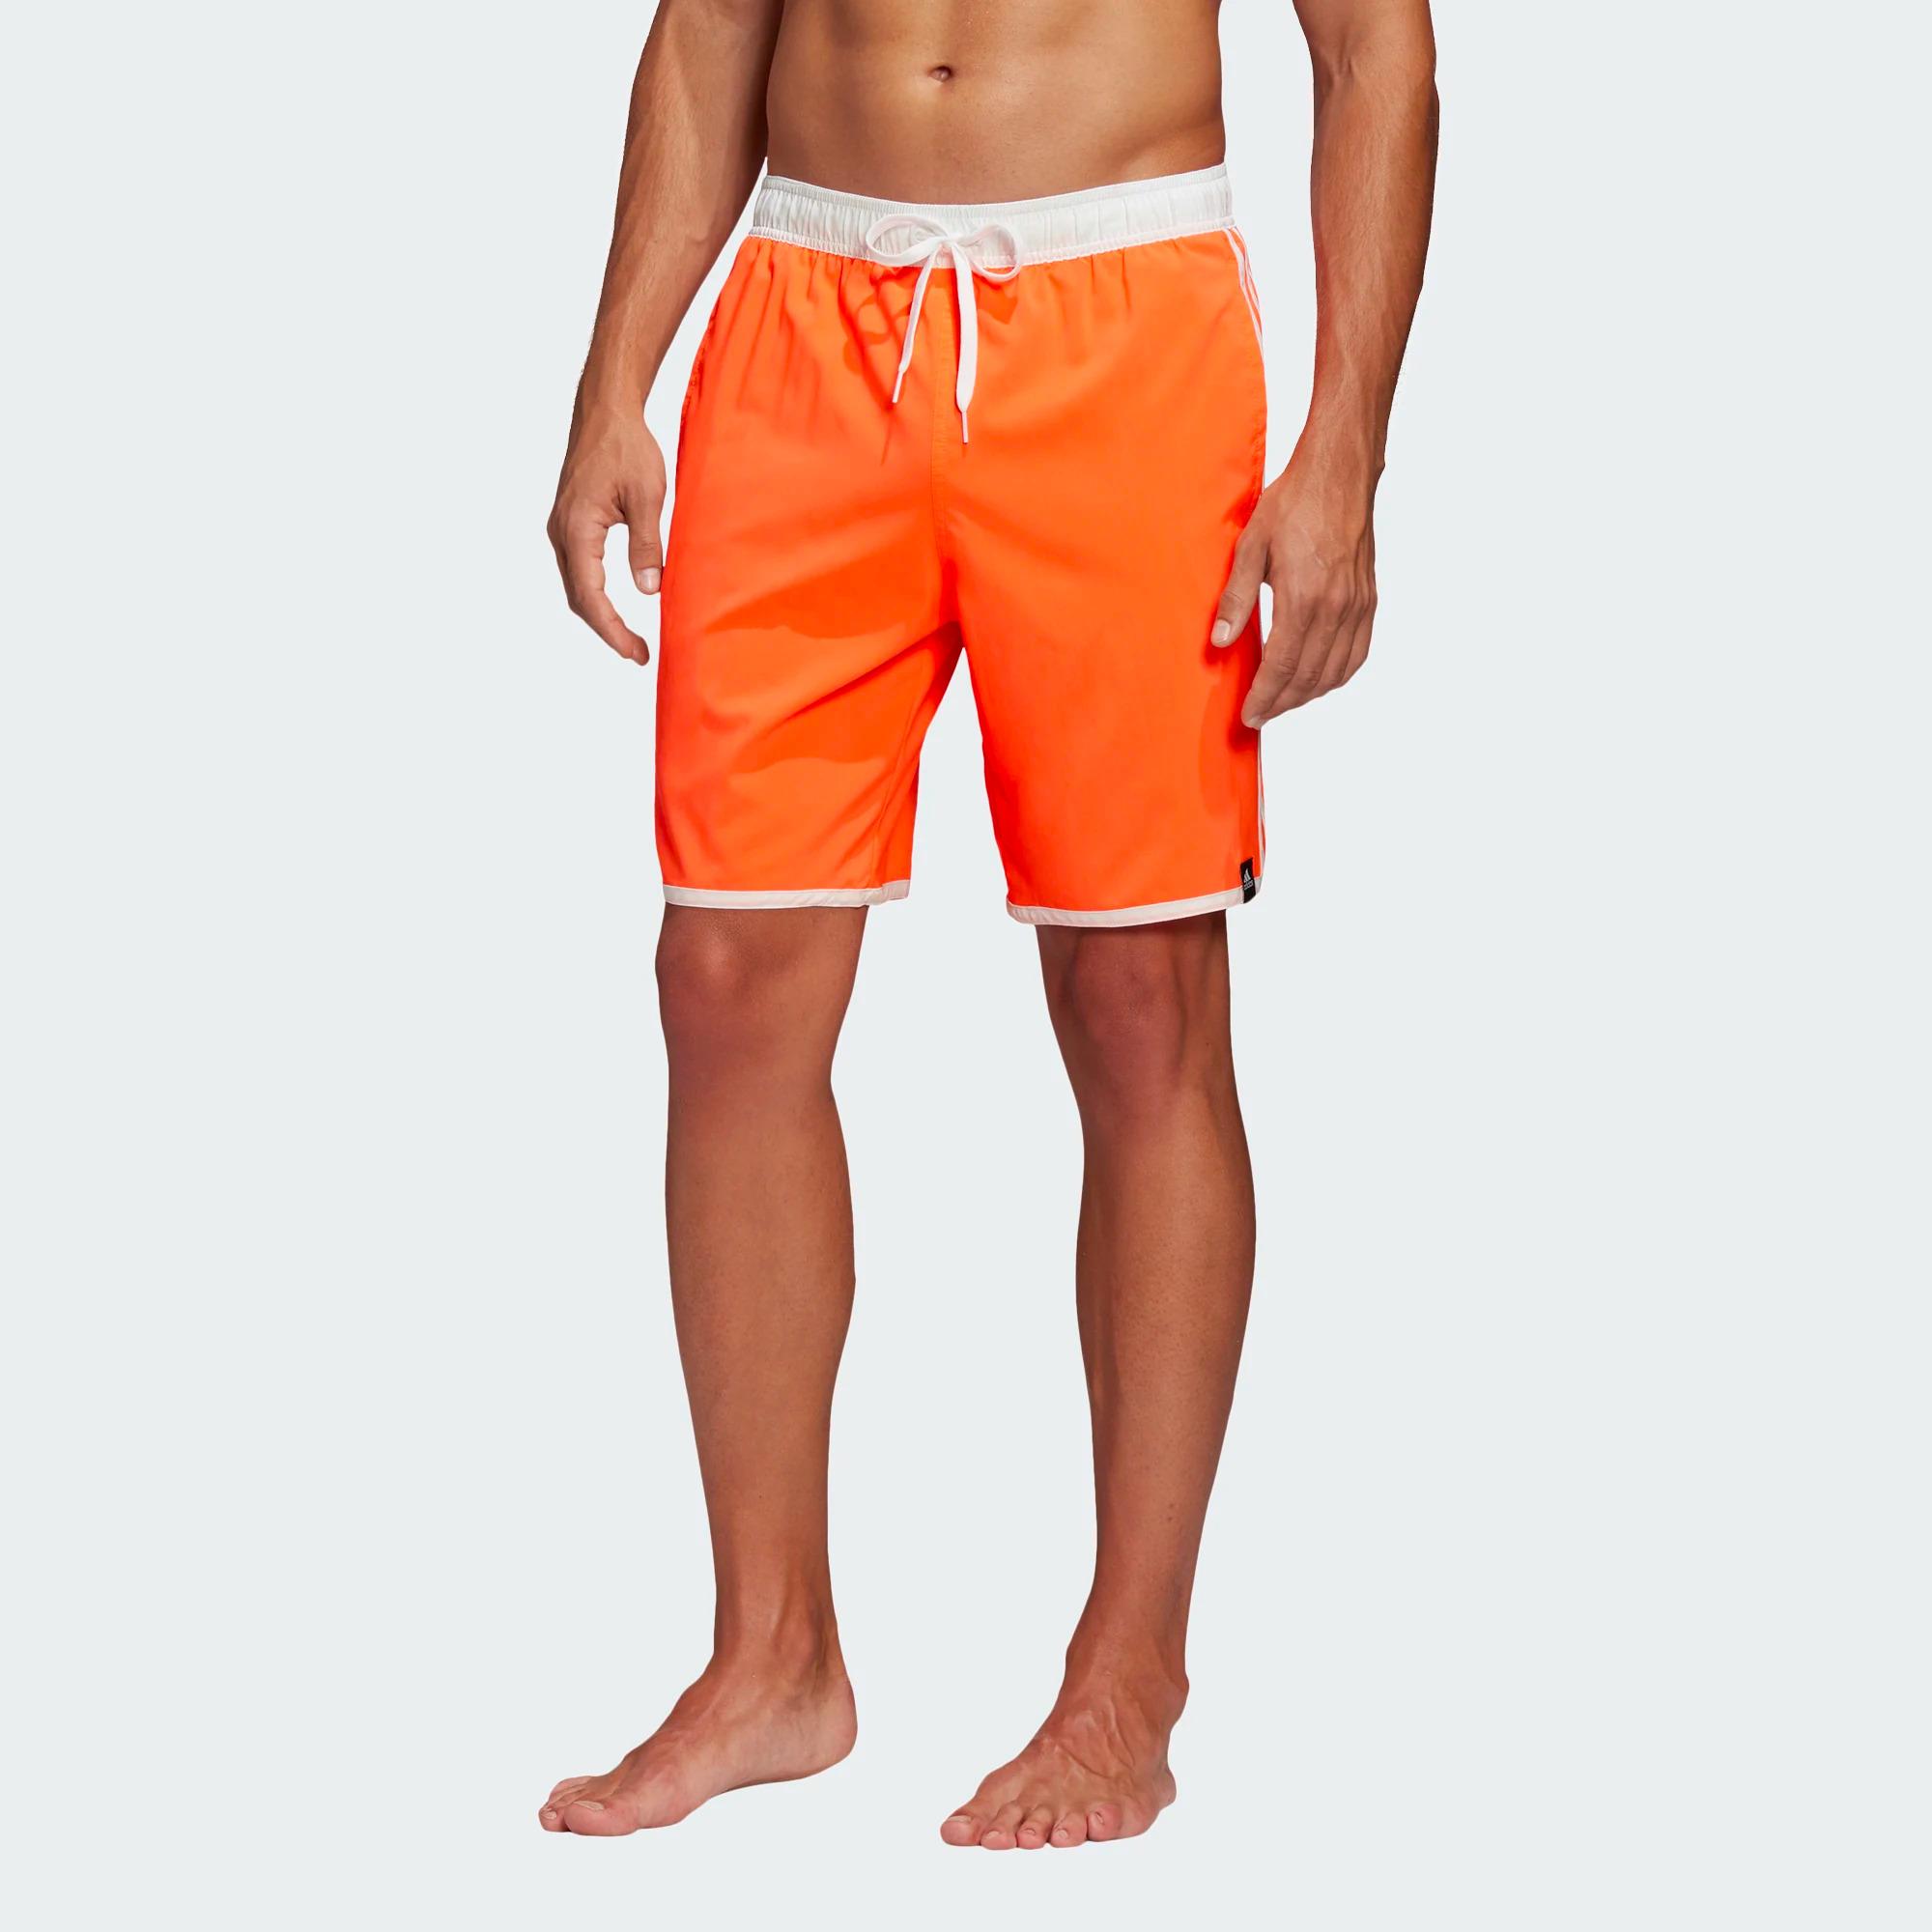 Adidas 3-Streifen CLX Badeshorts - apricot